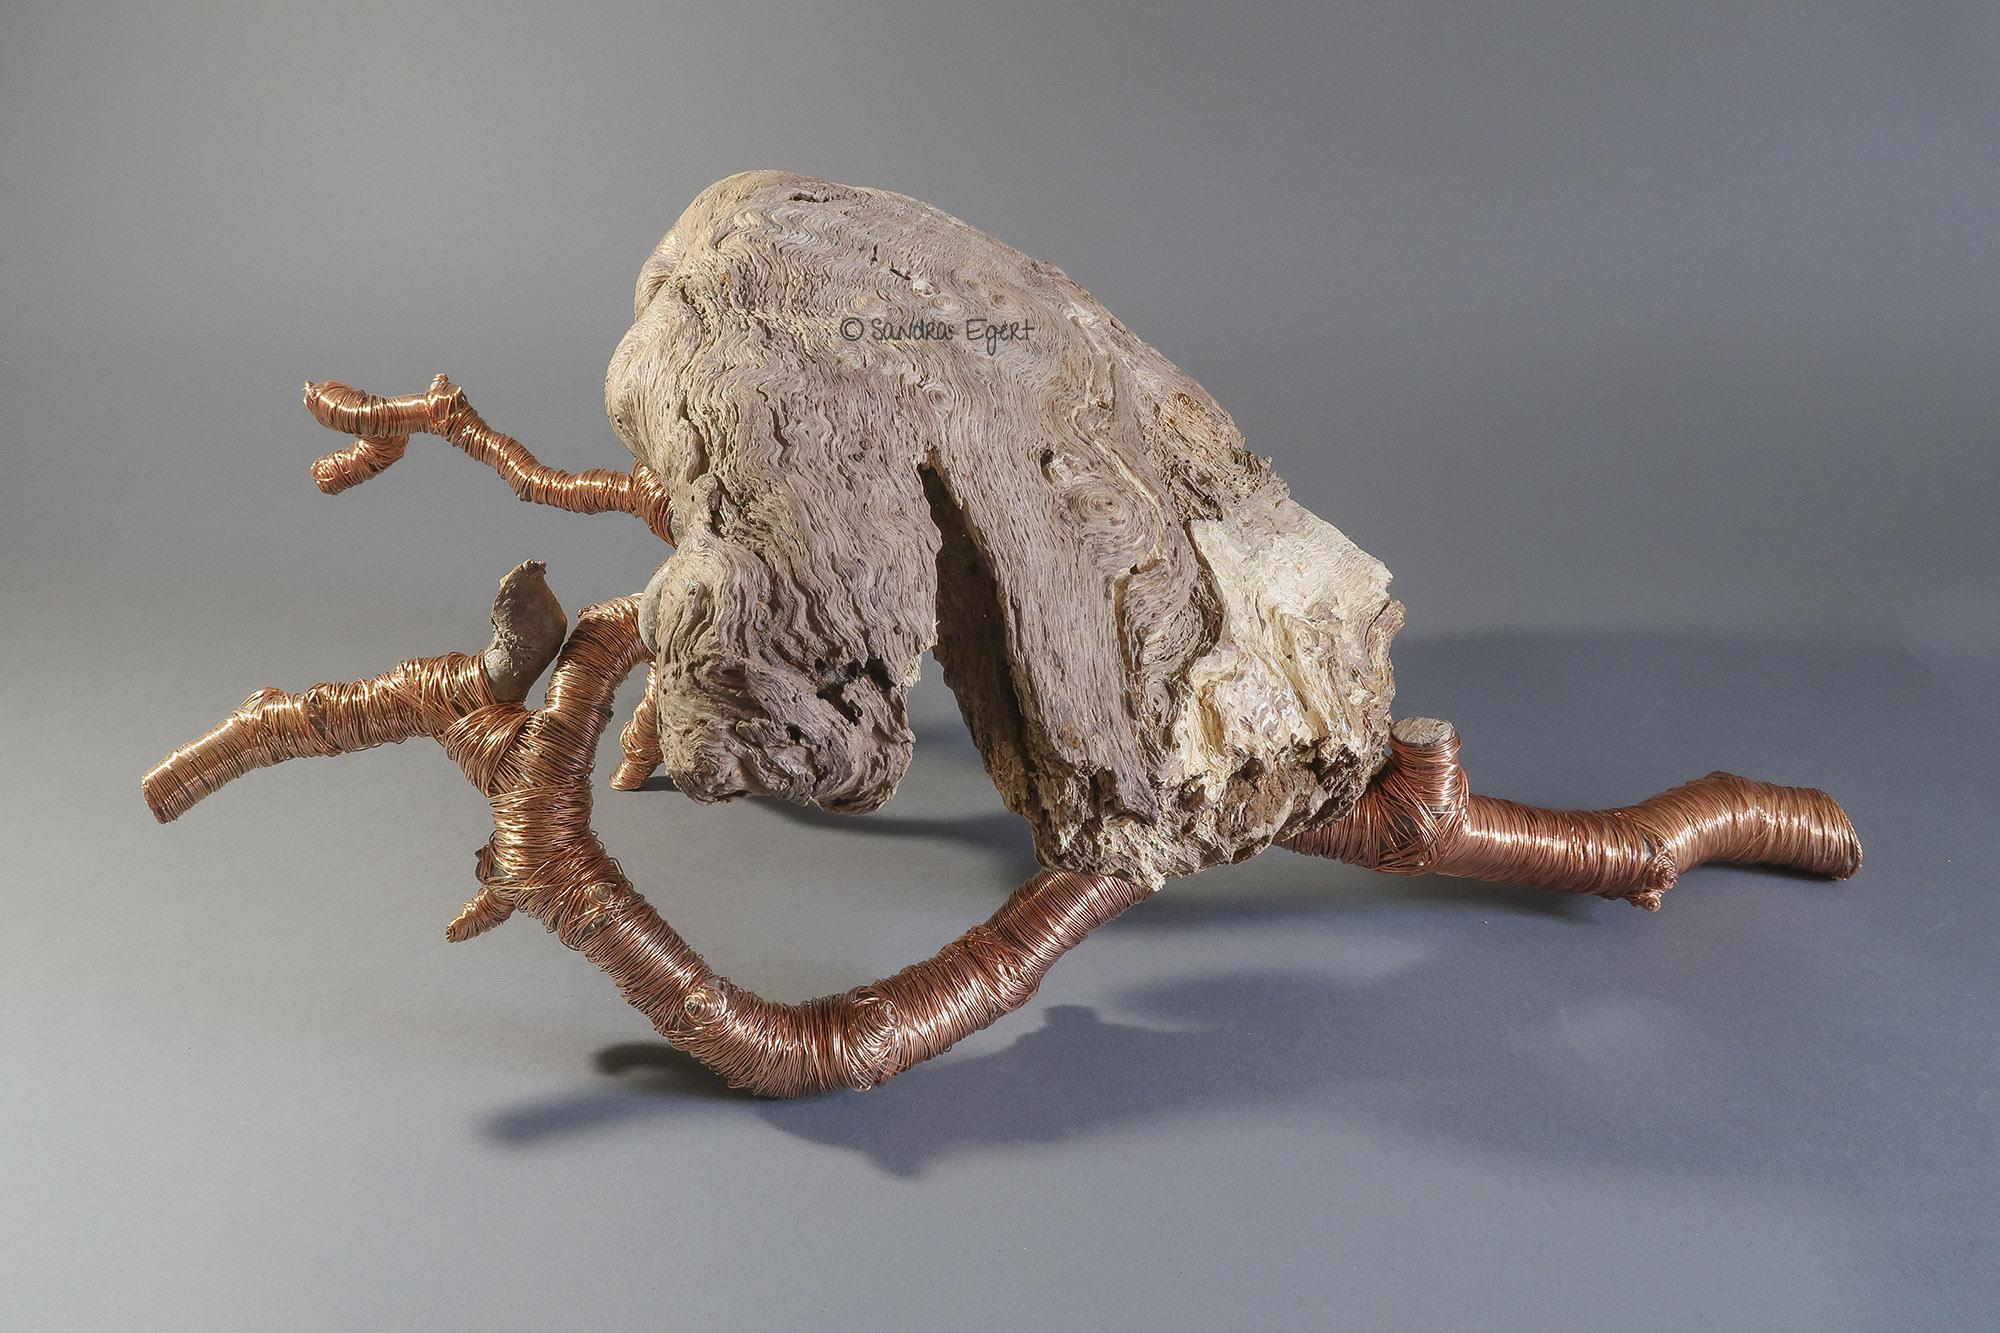 """Wildholzobjekt """"Unfold"""", Ansicht 3, L 55 cm x B 37 cm x H 23 cm, Maserknolle unbekannter Holzart, Ast, Kupferdraht"""